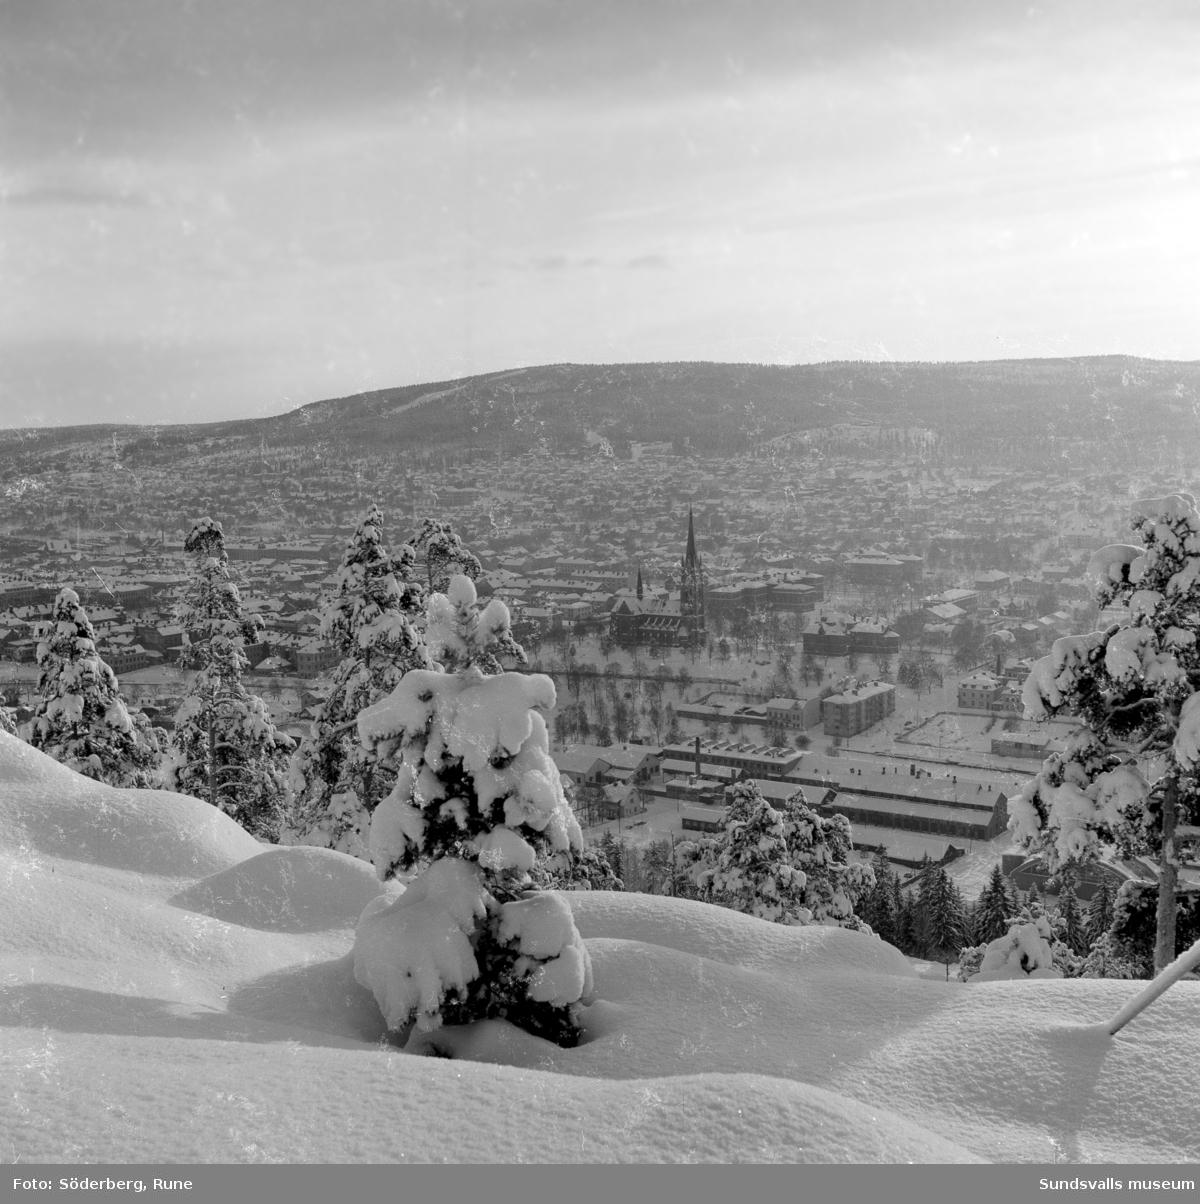 Sundsvall, vy från Norra Berget mot Stenstaden och Södra Berget.